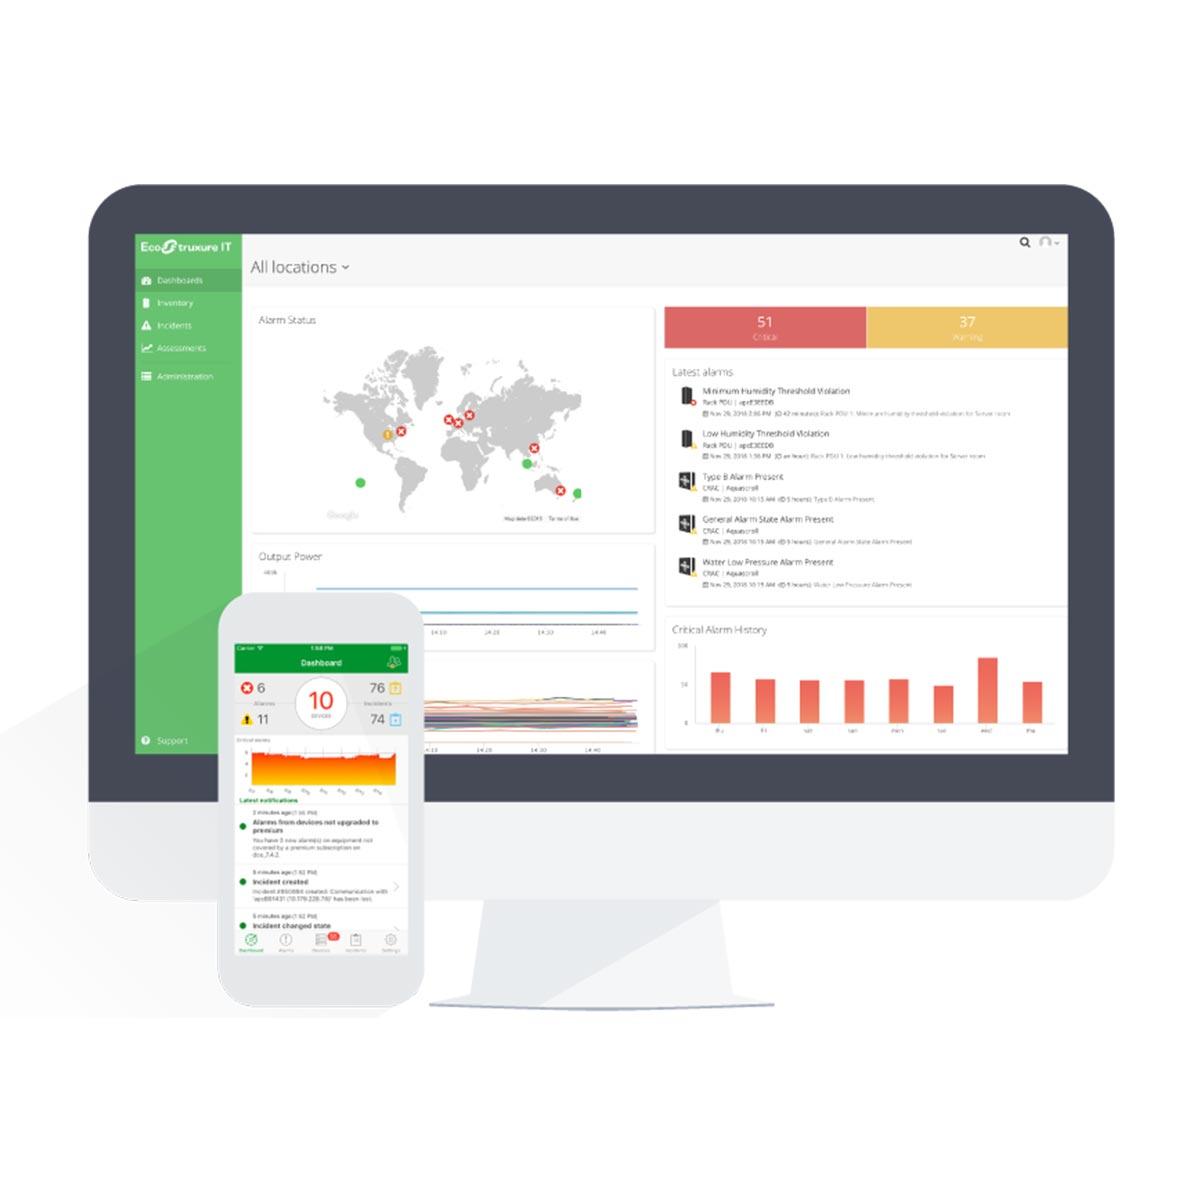 Softver, mrežne kartice i periferije za nadzor i upravljanje UPS i data centrima